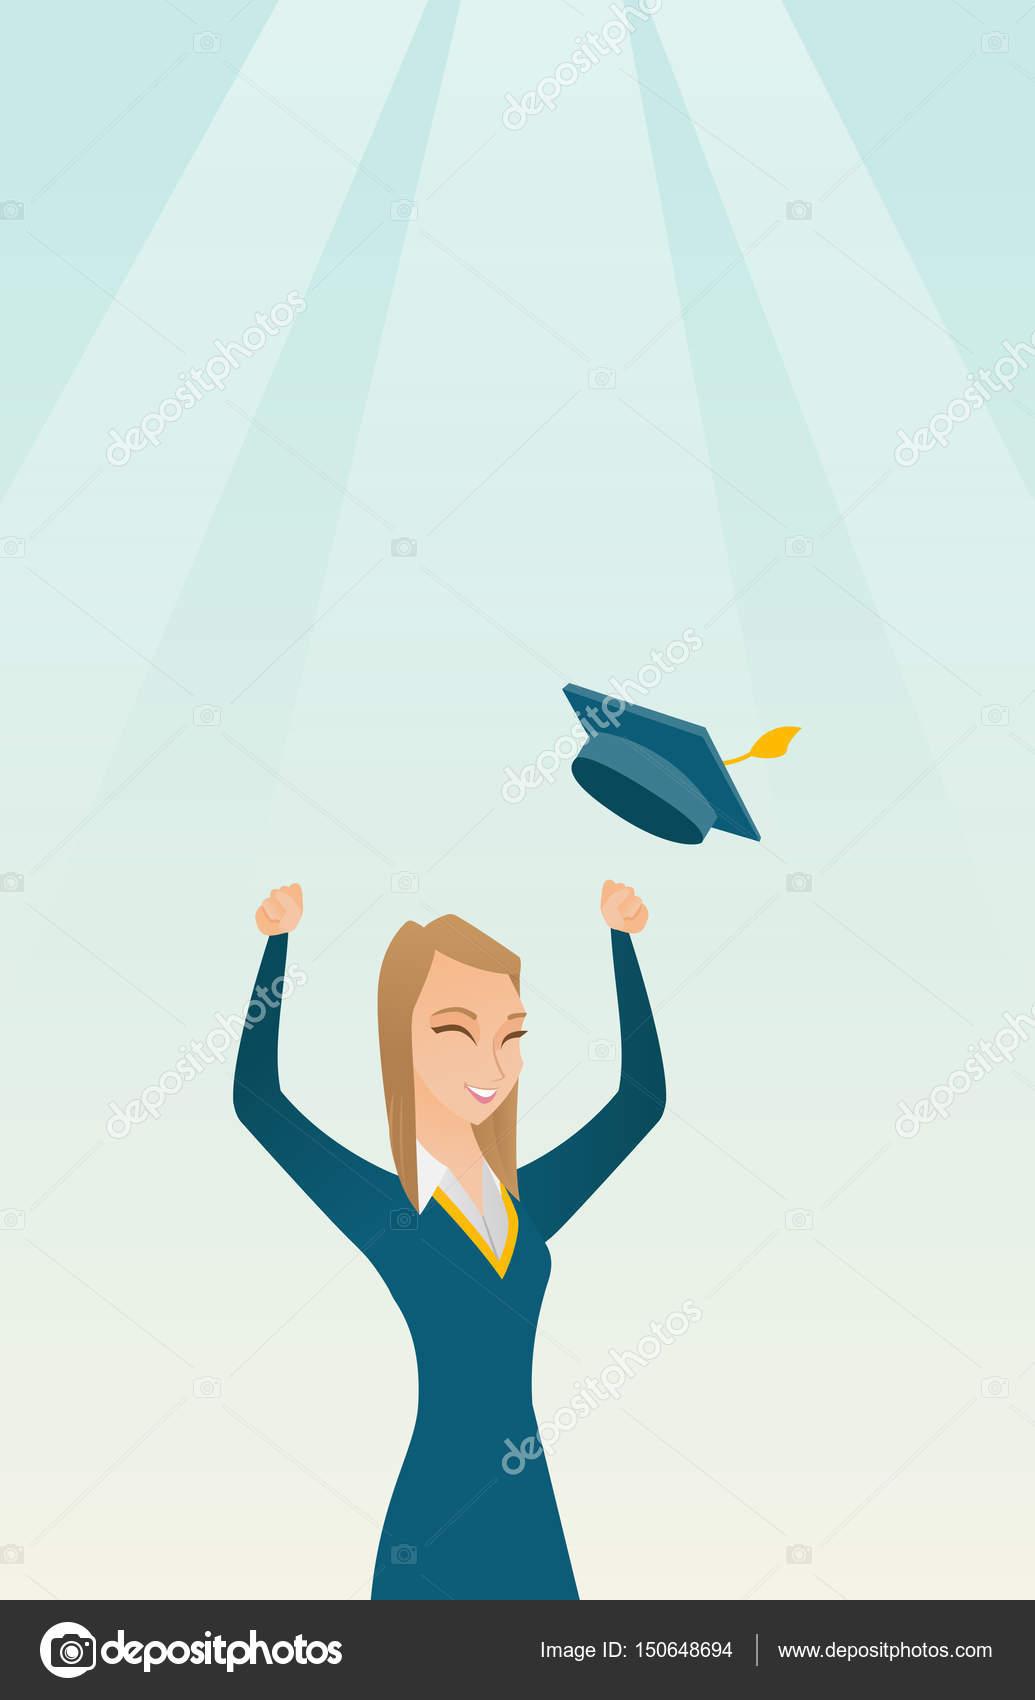 Diplom Abschluss Hut Werfen Stockvektor Rastudio 150648694